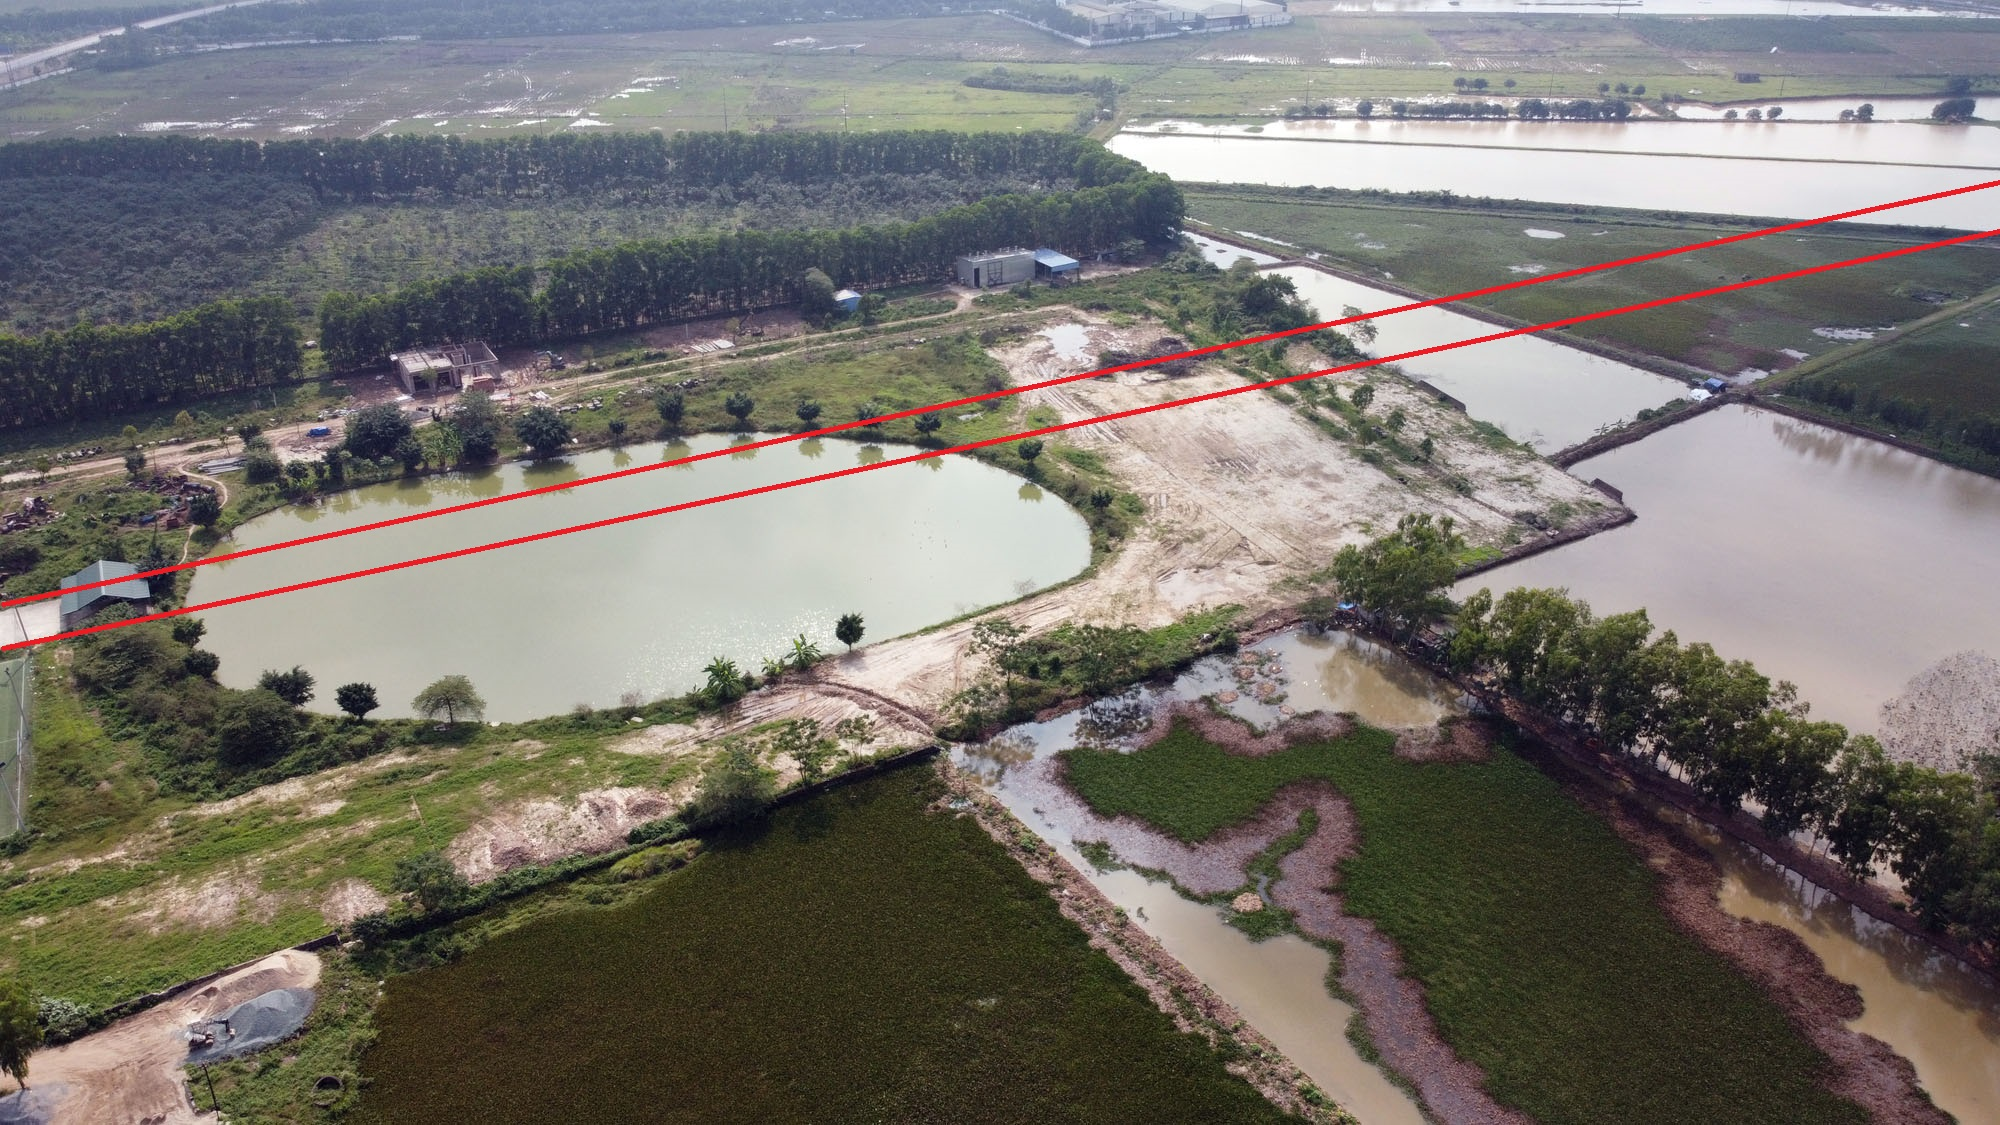 Ba đường sẽ mở theo qui hoạch ở xã Phượng Cách, Quốc Oai, Hà Nội - Ảnh 14.